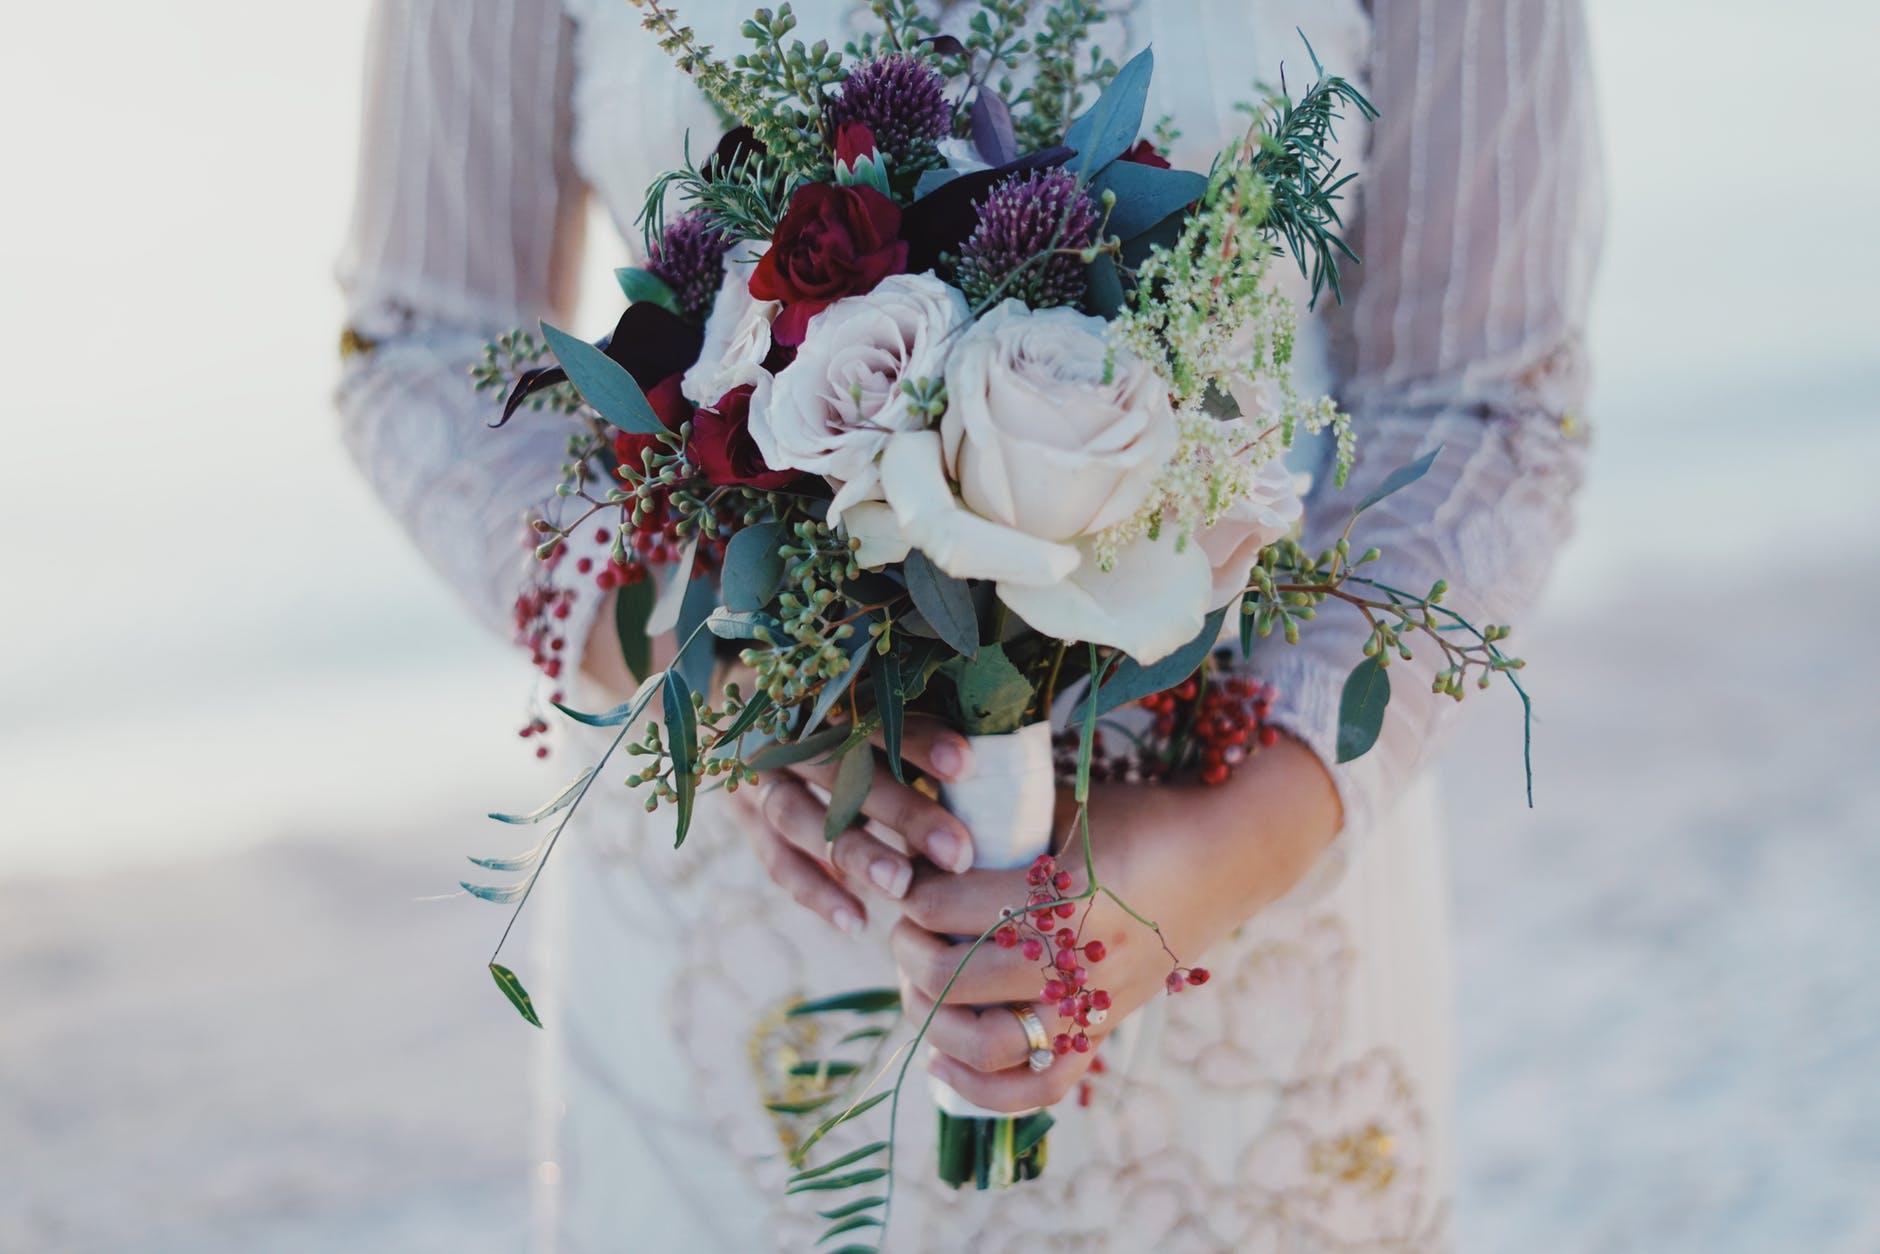 Düğün Yapmanın Önemi Nedir?